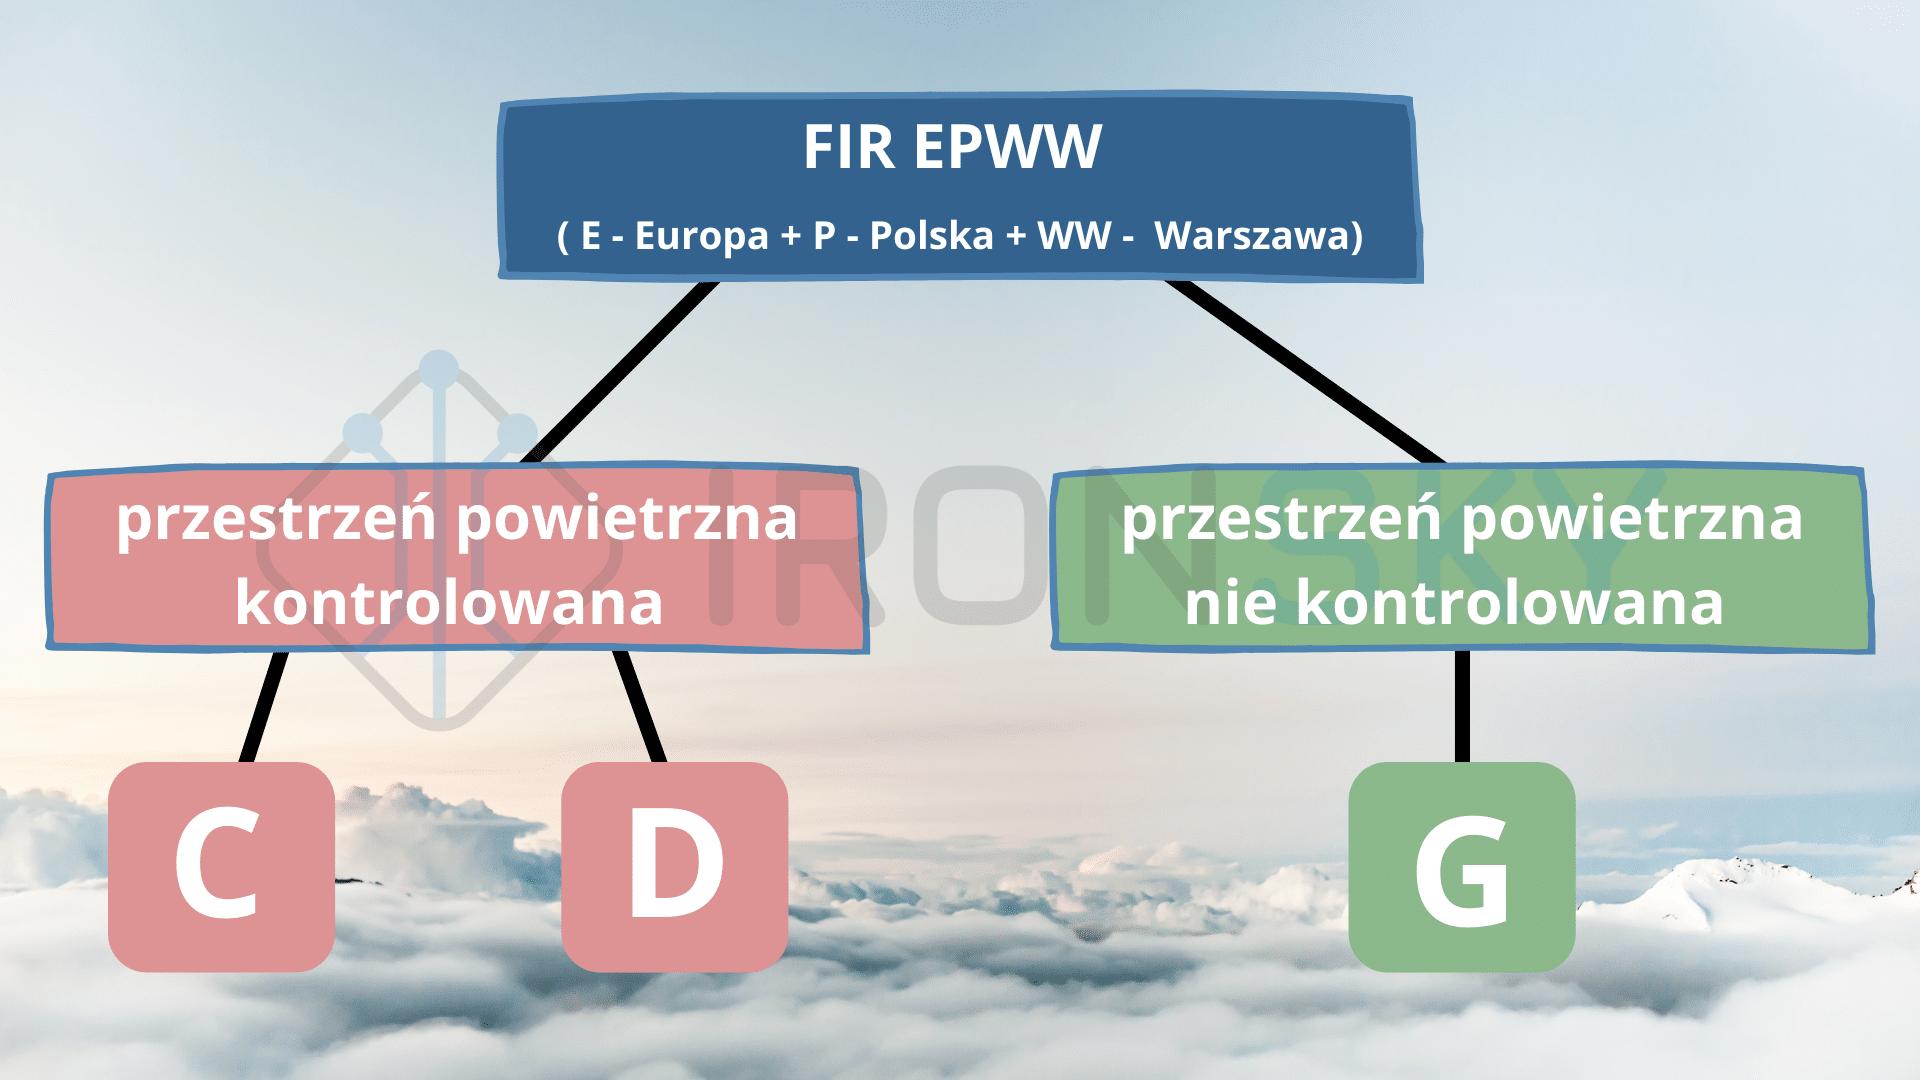 FIR EPWW polska przestrzeń powietrzna ironsky.pl